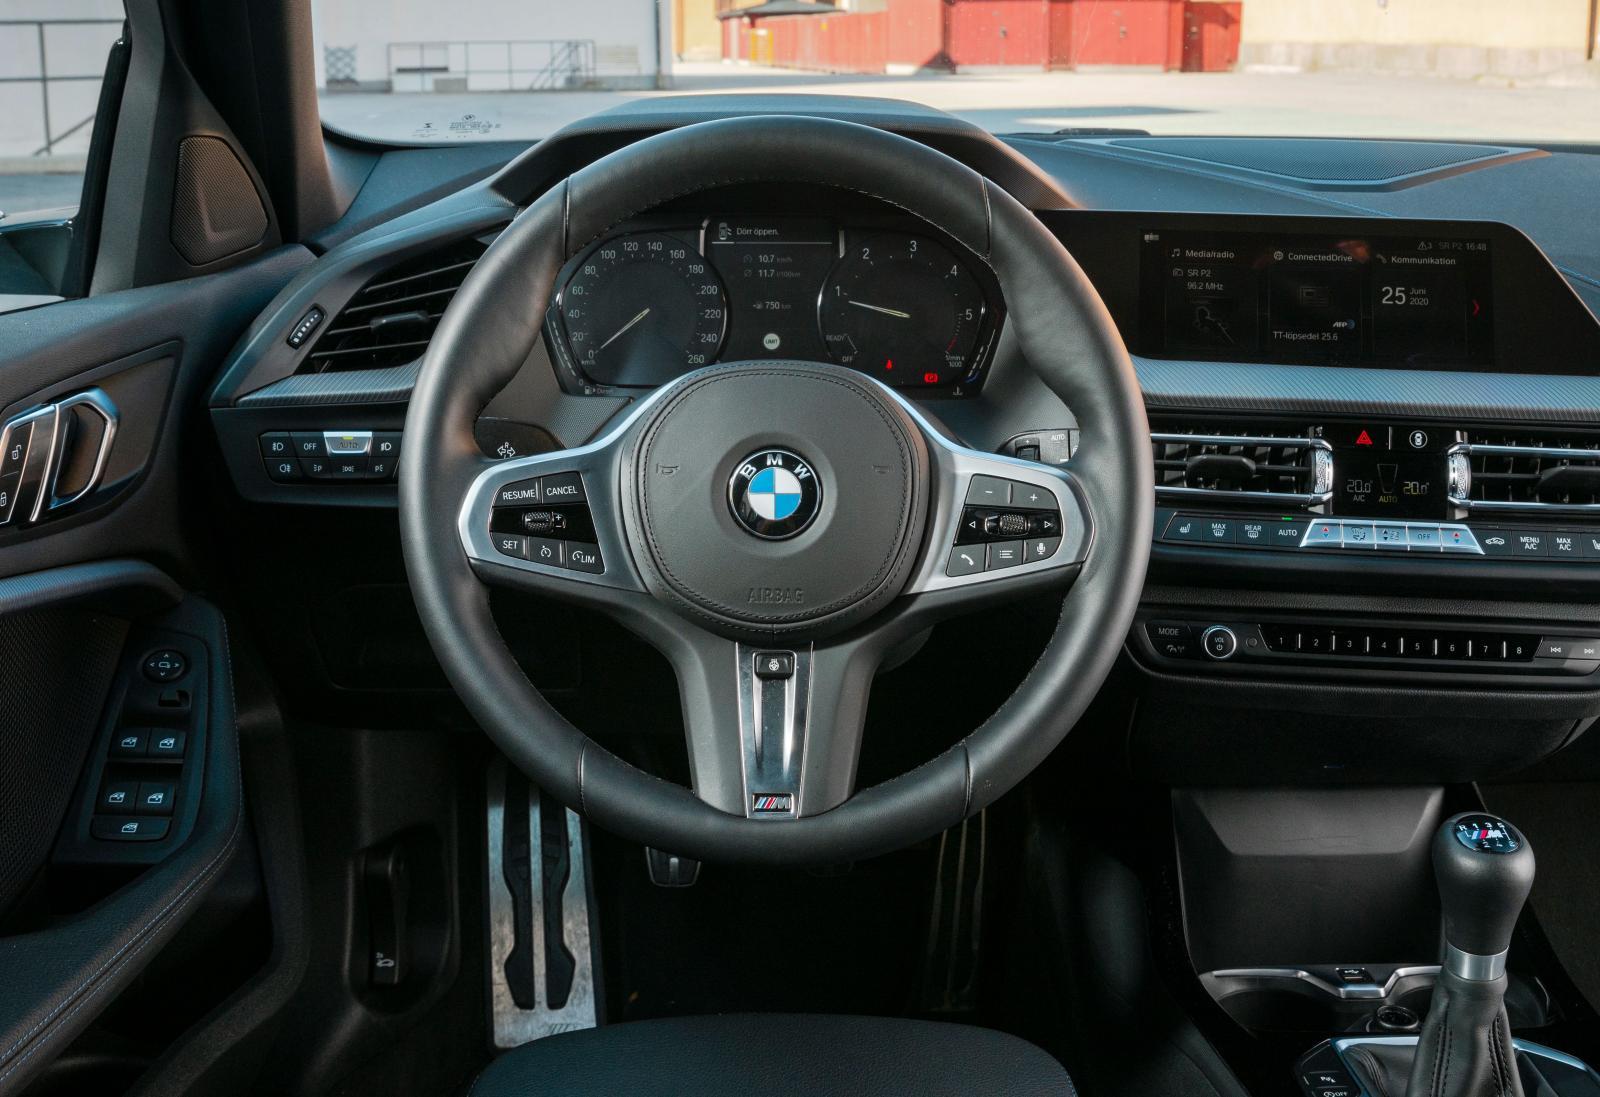 BMW Mycket form och vinklar även här. Klassiskt volymvred till stereon. Totalt finns 51 fysiska knappar på ratt och instrumentpanel. Knubbig ratt.